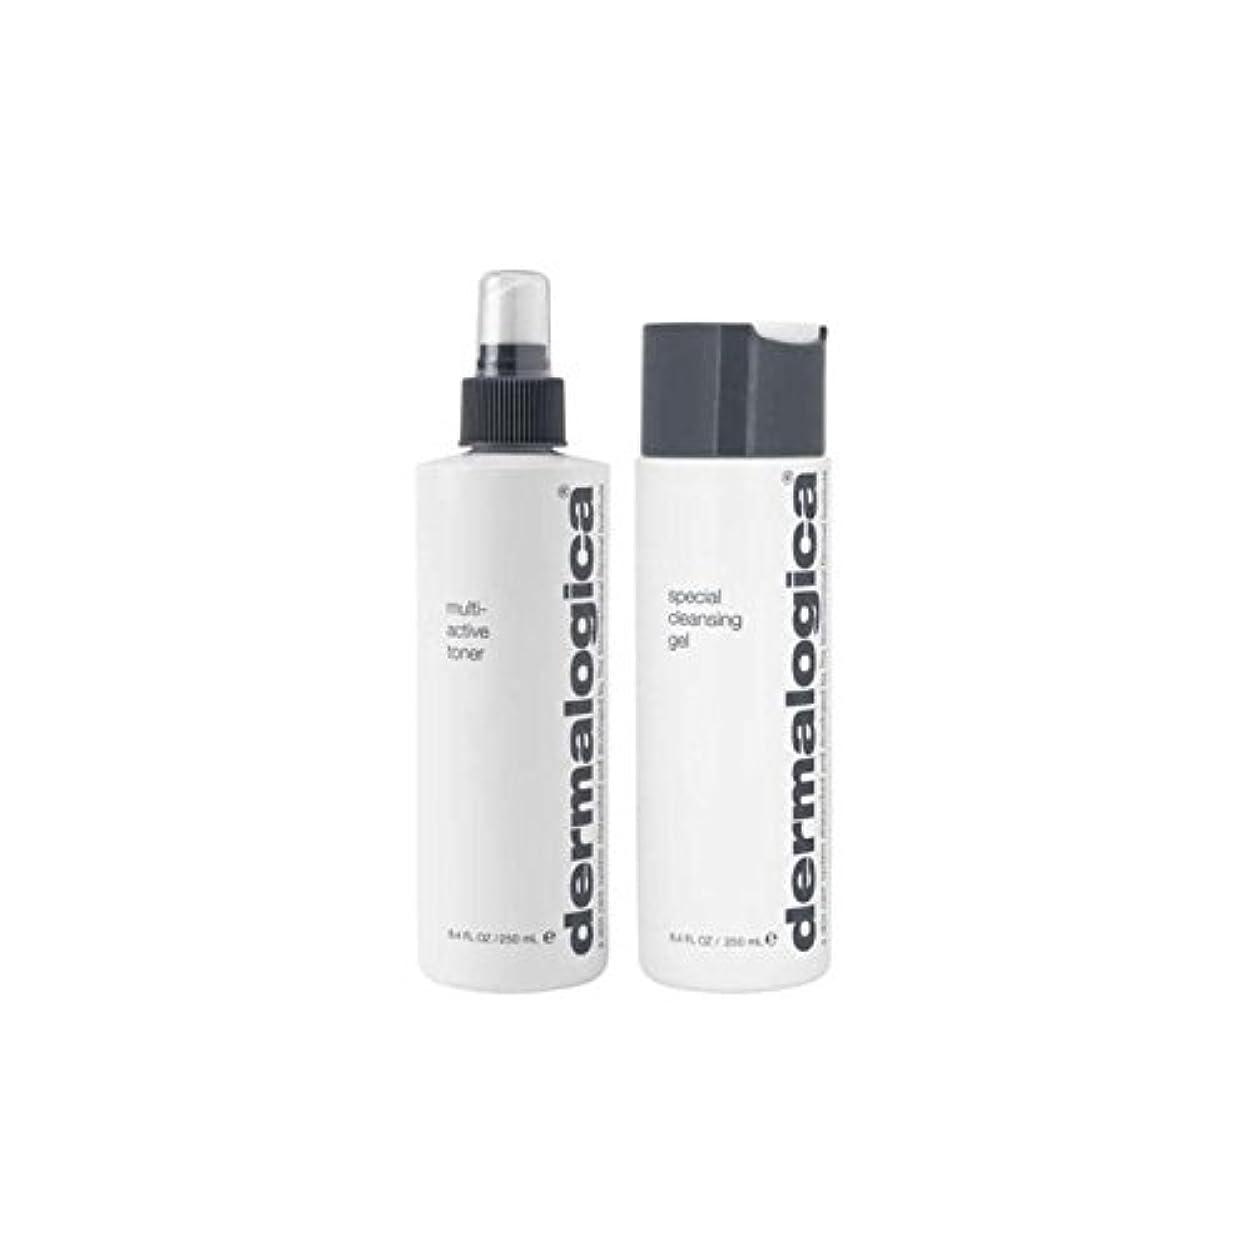 巡礼者若さ髄ダーマロジカクレンジング&トーンデュオ - ノーマル/ドライスキン(2製品) x2 - Dermalogica Cleanse & Tone Duo - Normal/Dry Skin (2 Products) (Pack...